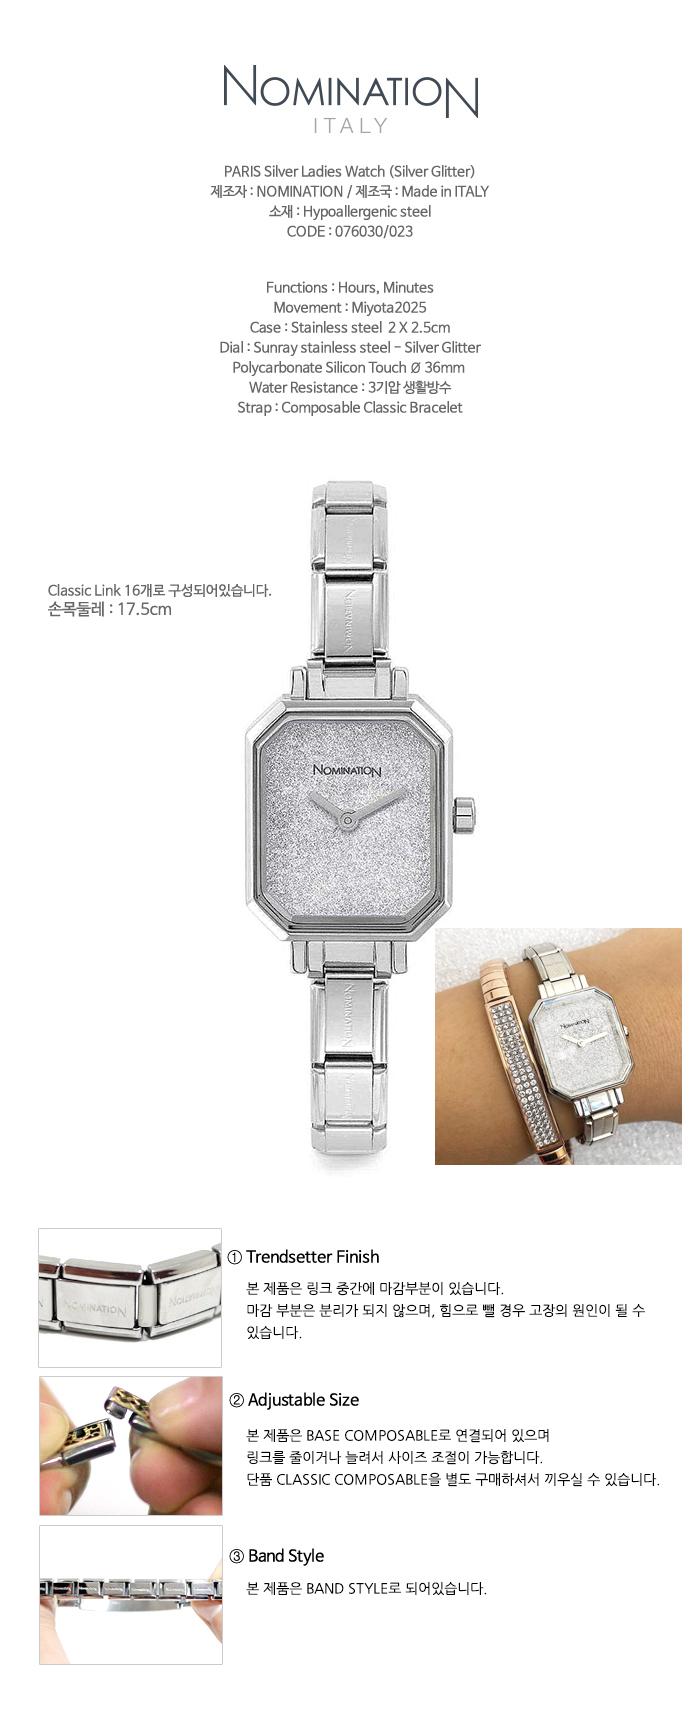 노미네이션(NOMINATION) 시계 파리 실버 레이디 (Silver Glitter) 076030/023